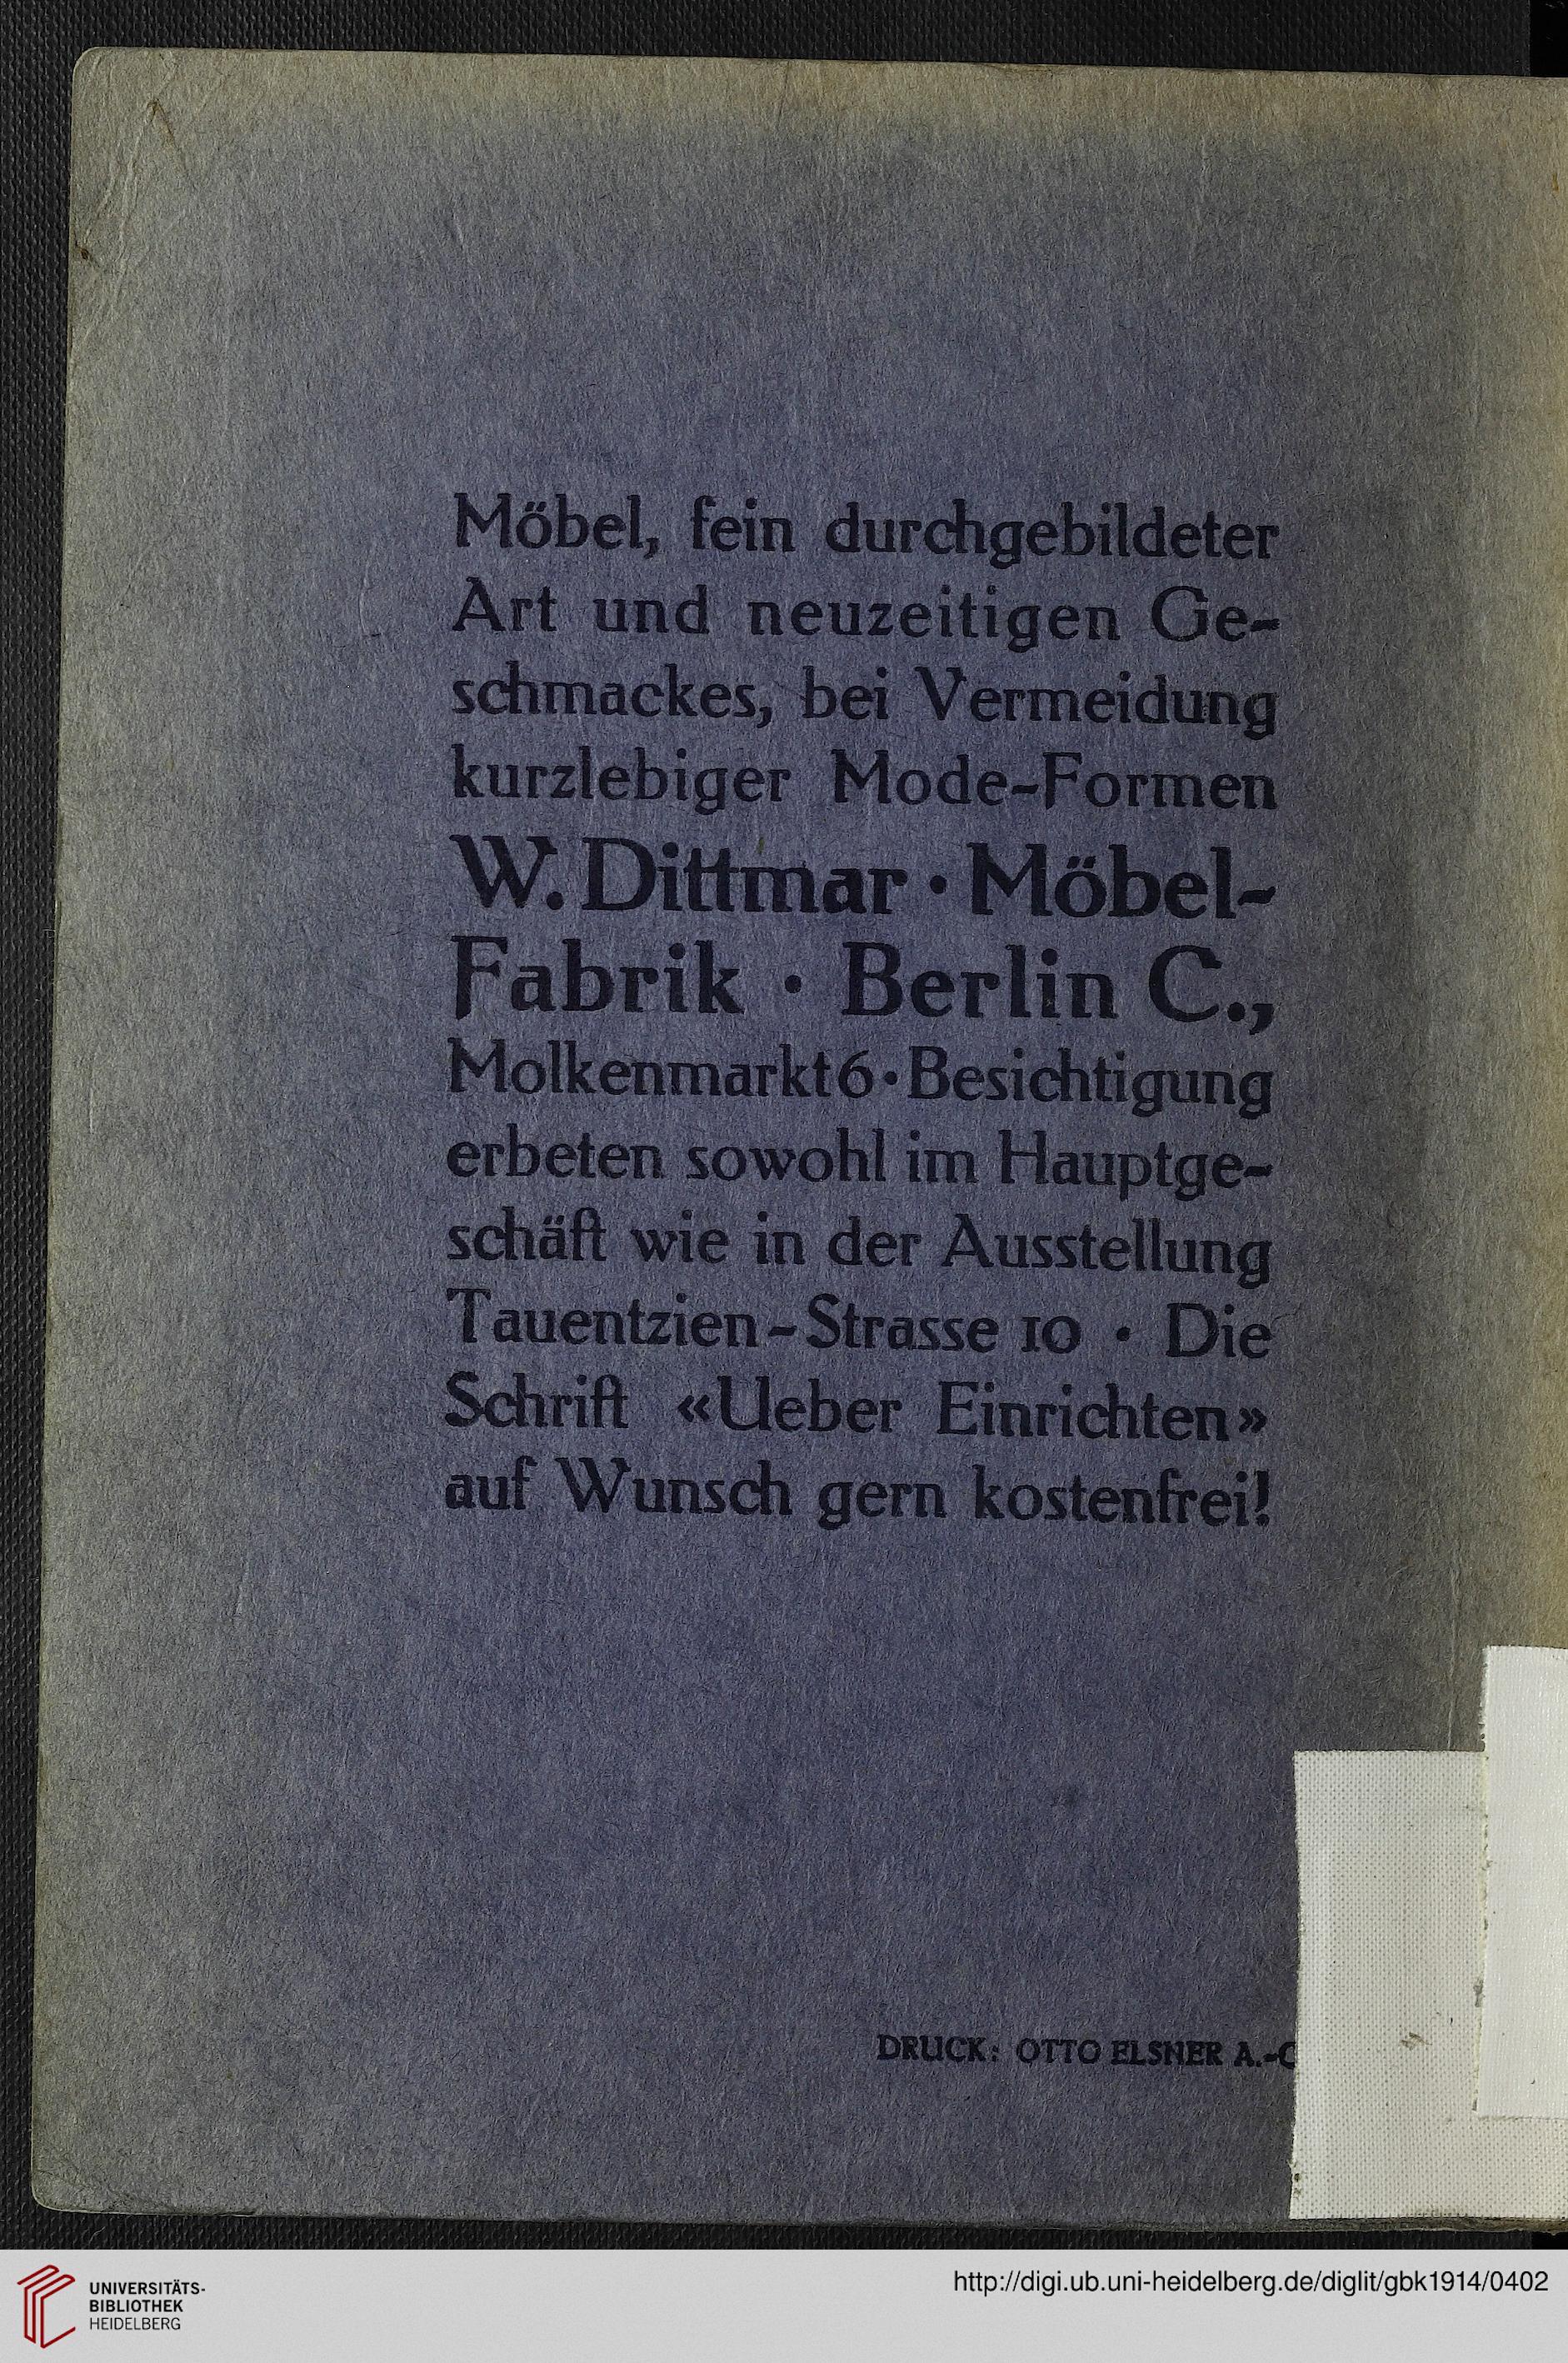 grosse berliner kunstausstellung hrsg katalog dauer der ausstellung vom 11 mai bis. Black Bedroom Furniture Sets. Home Design Ideas